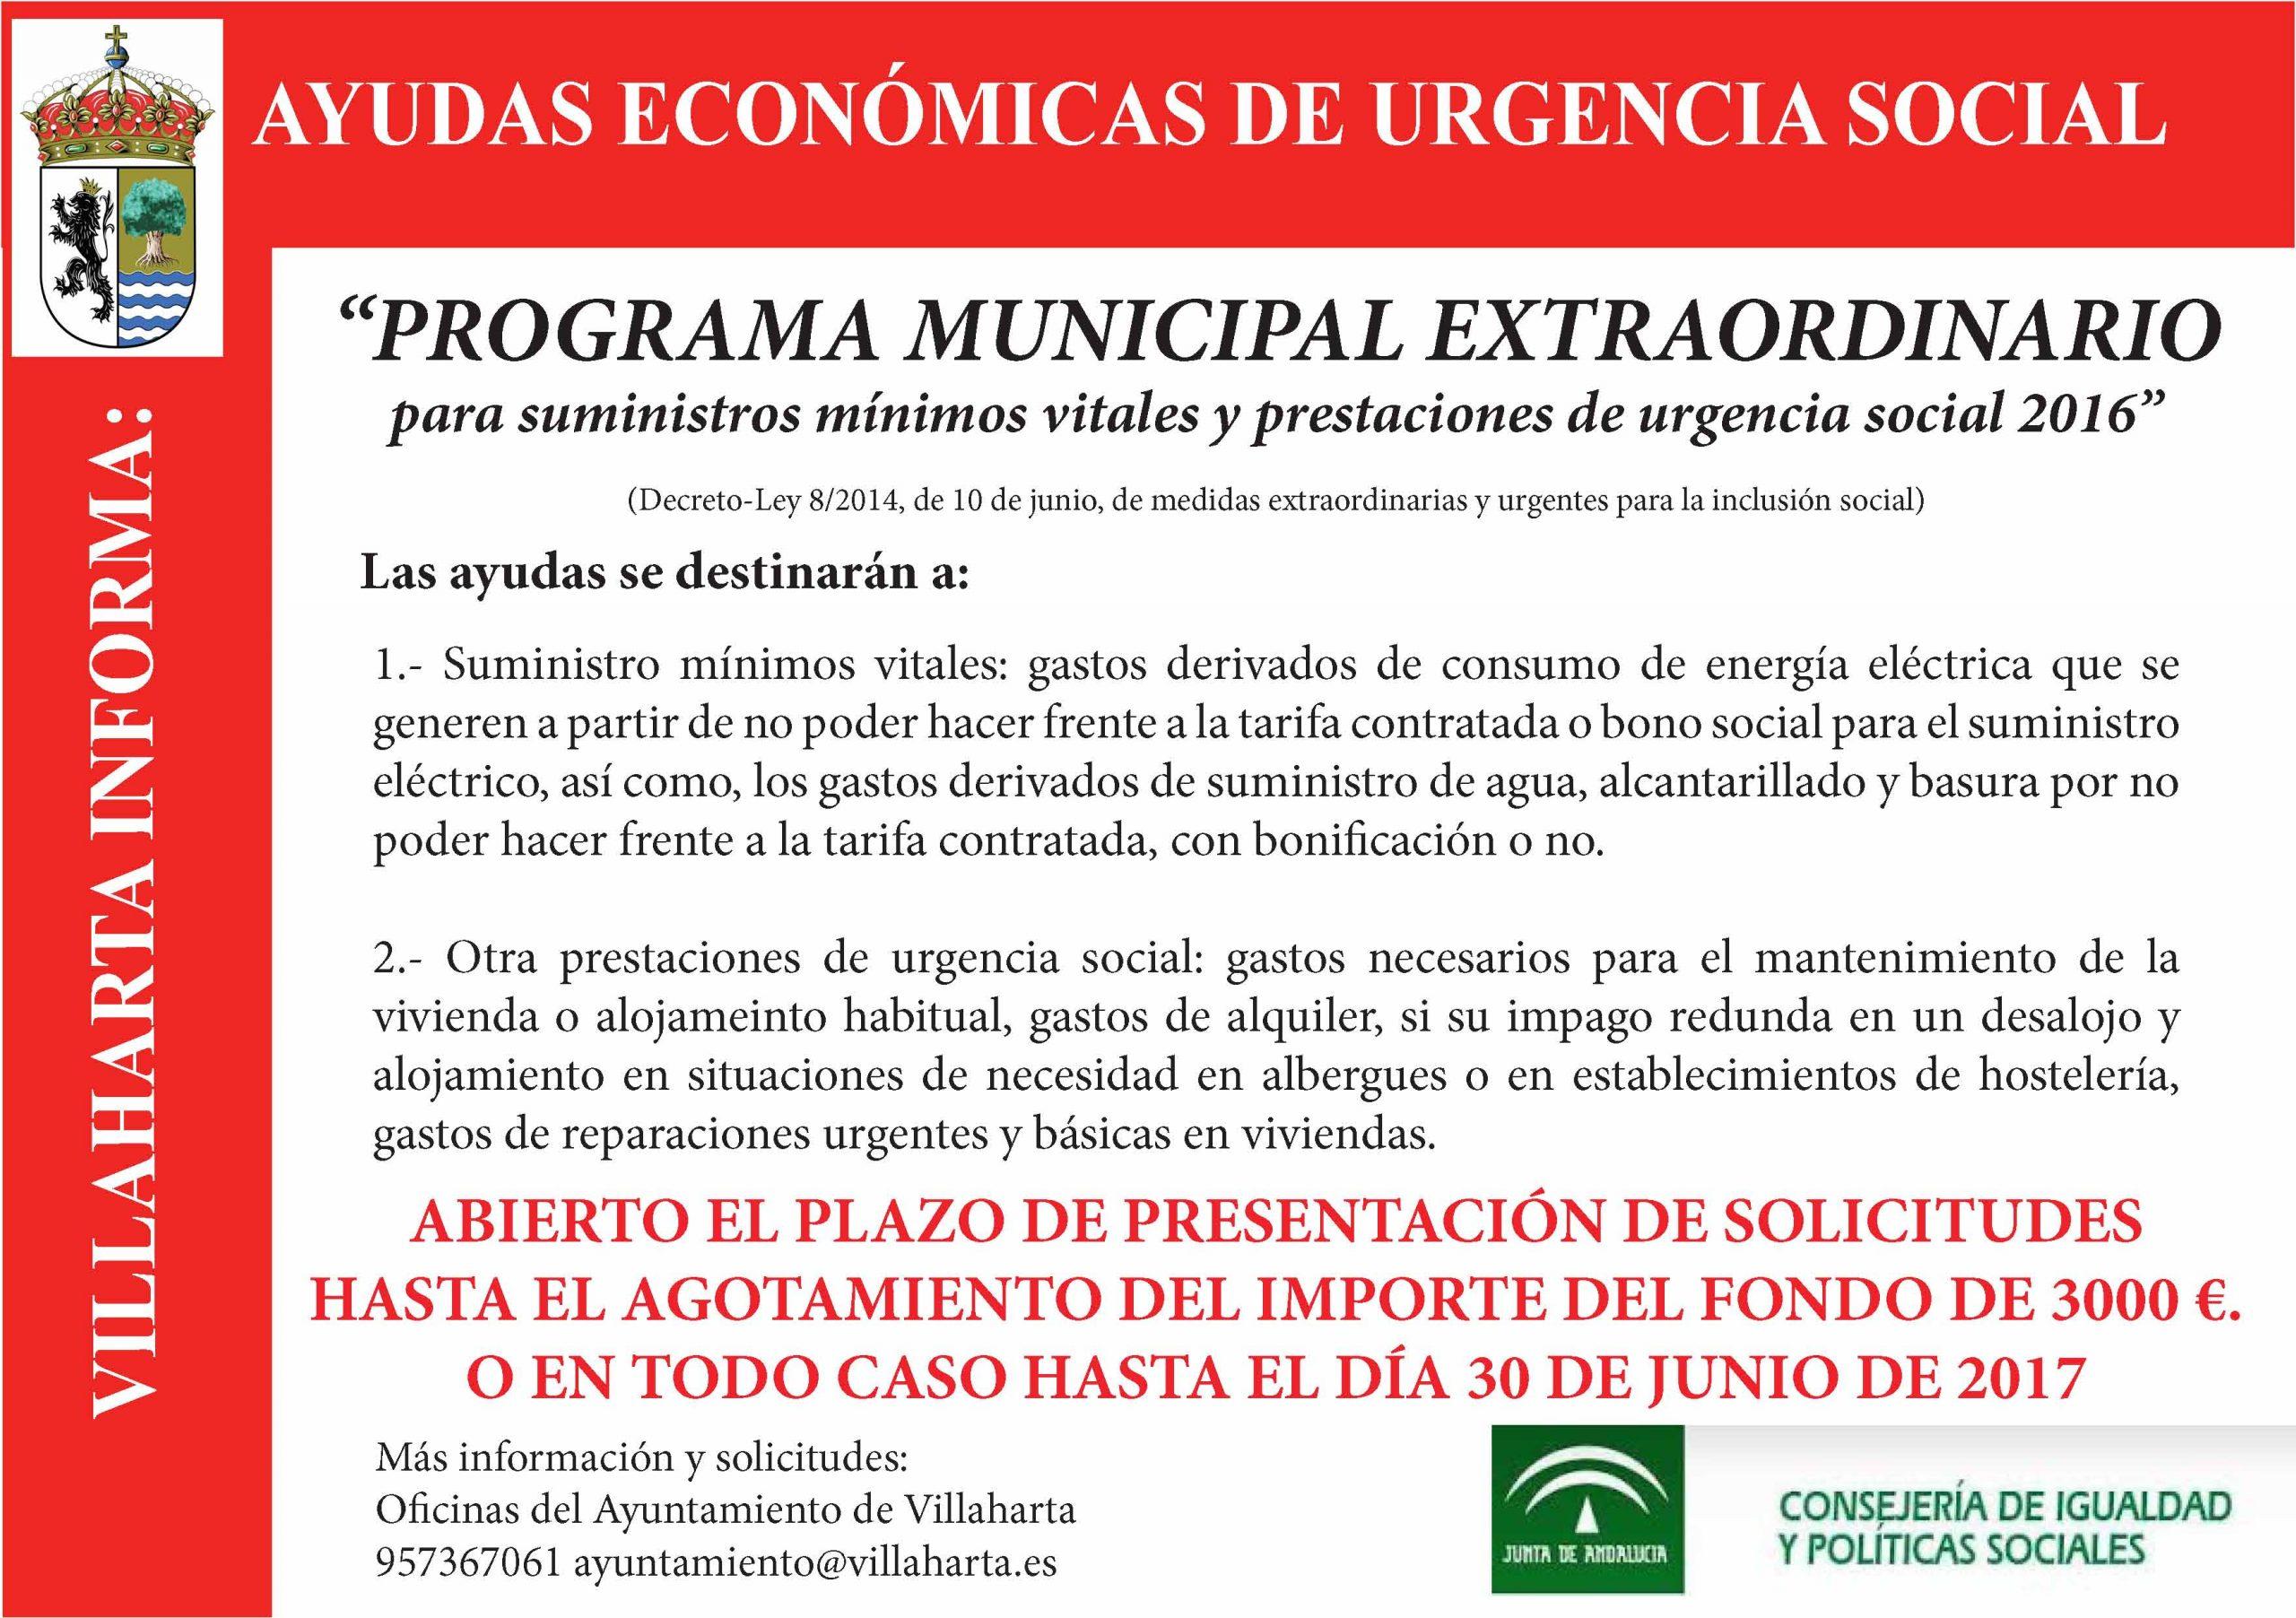 SUBVENCIONES RECIBIDAS. 2016 15